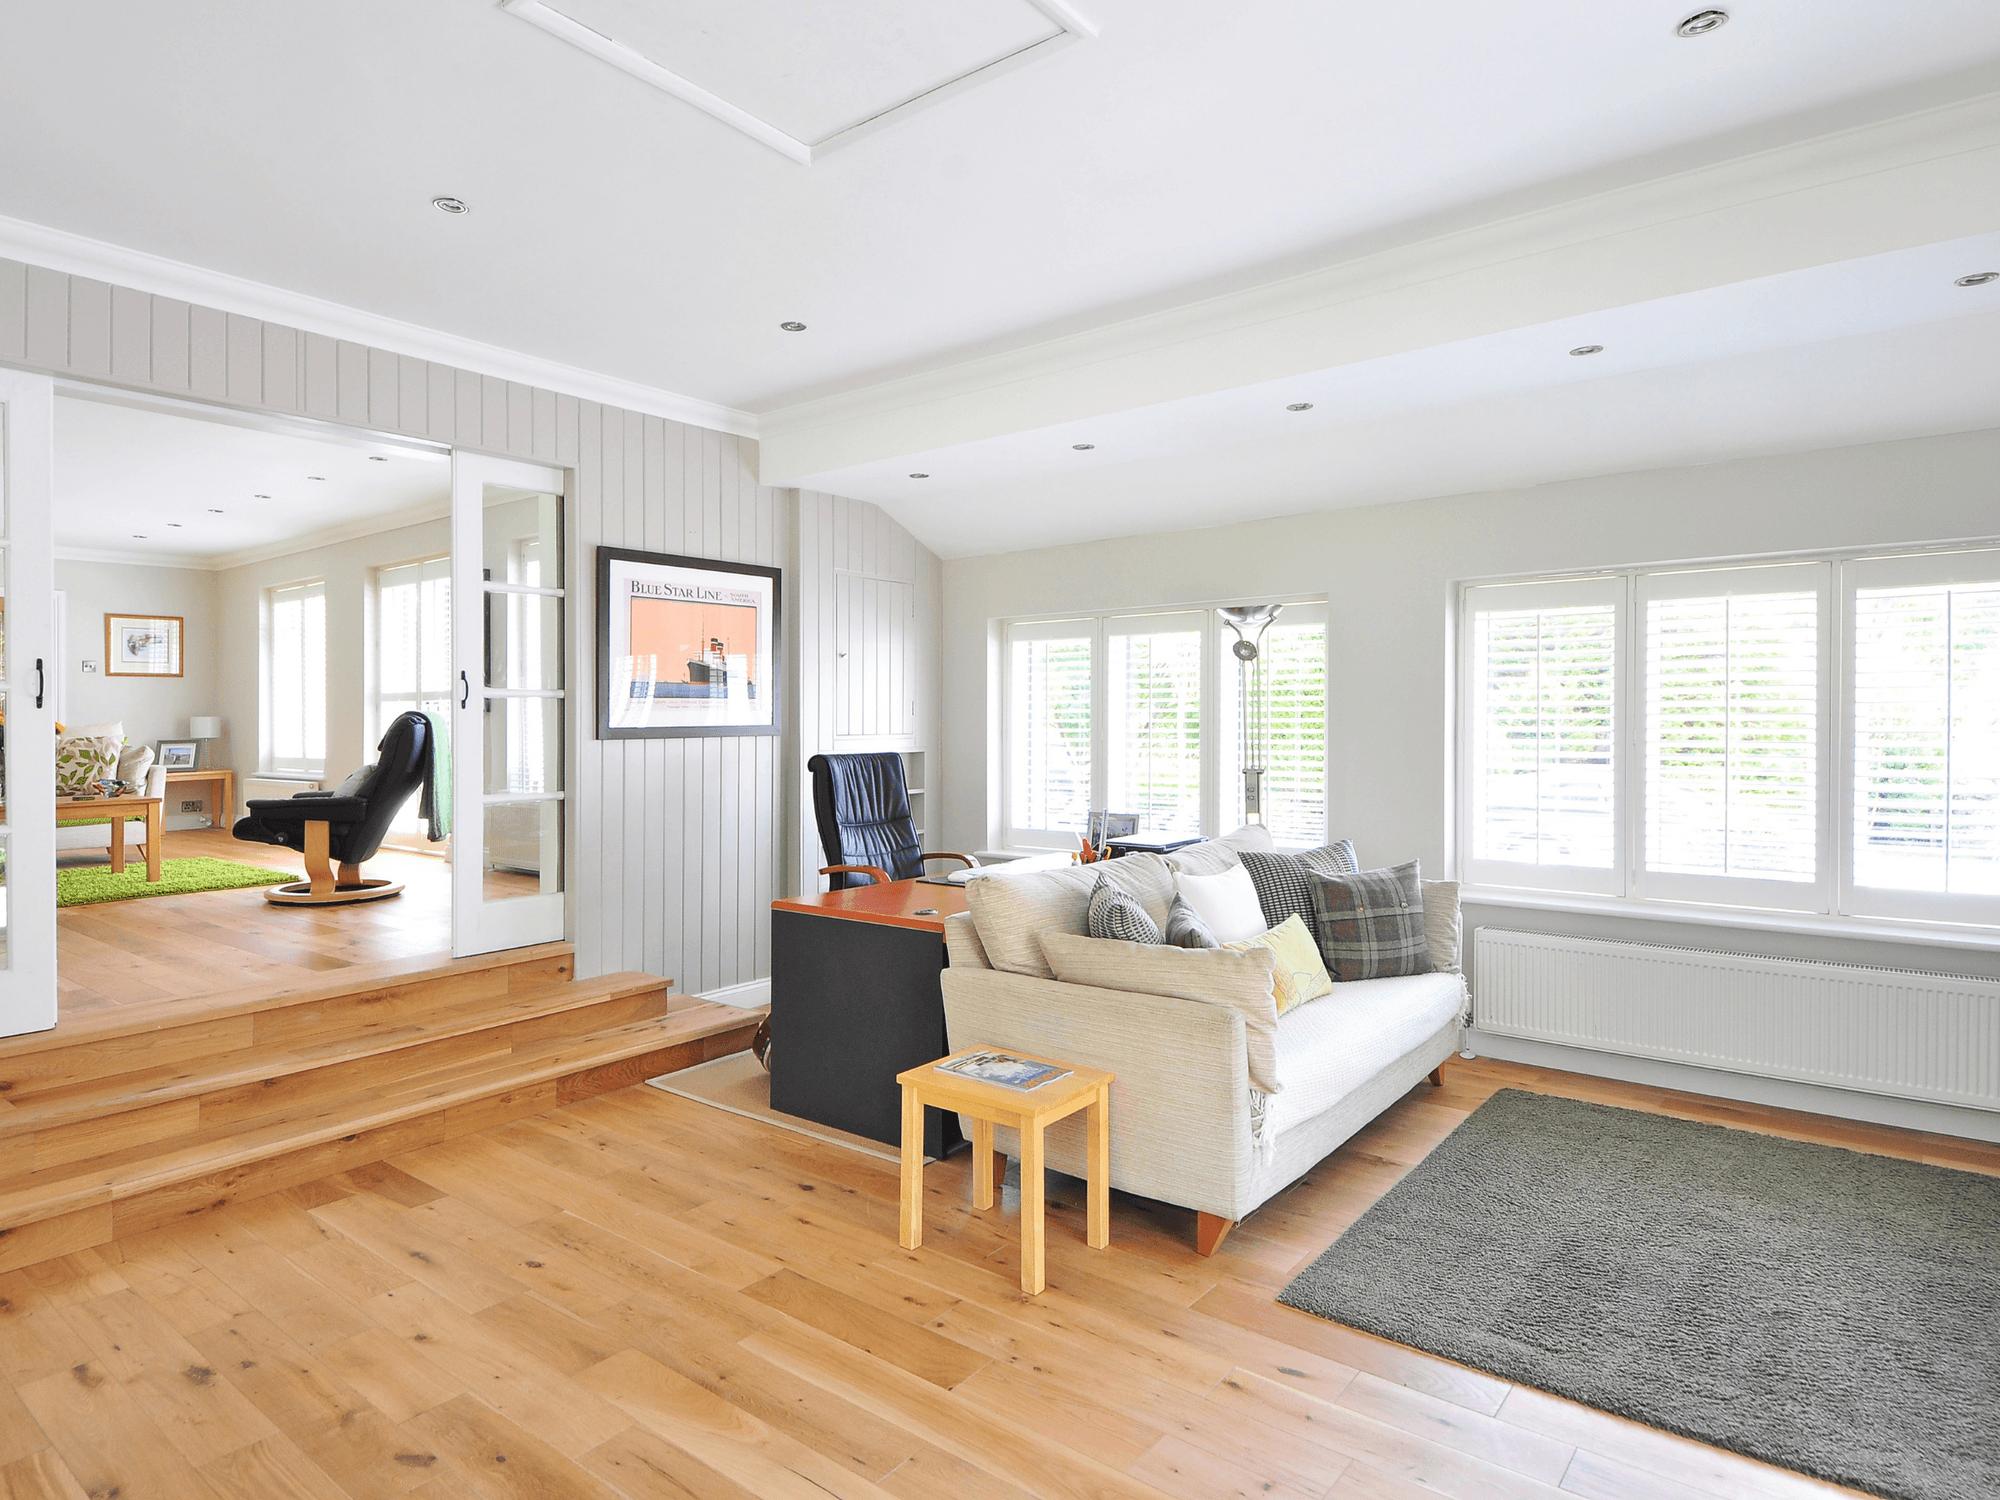 Pourquoi les agents immobiliers devraient recourir à la création des visites virtuelles ?